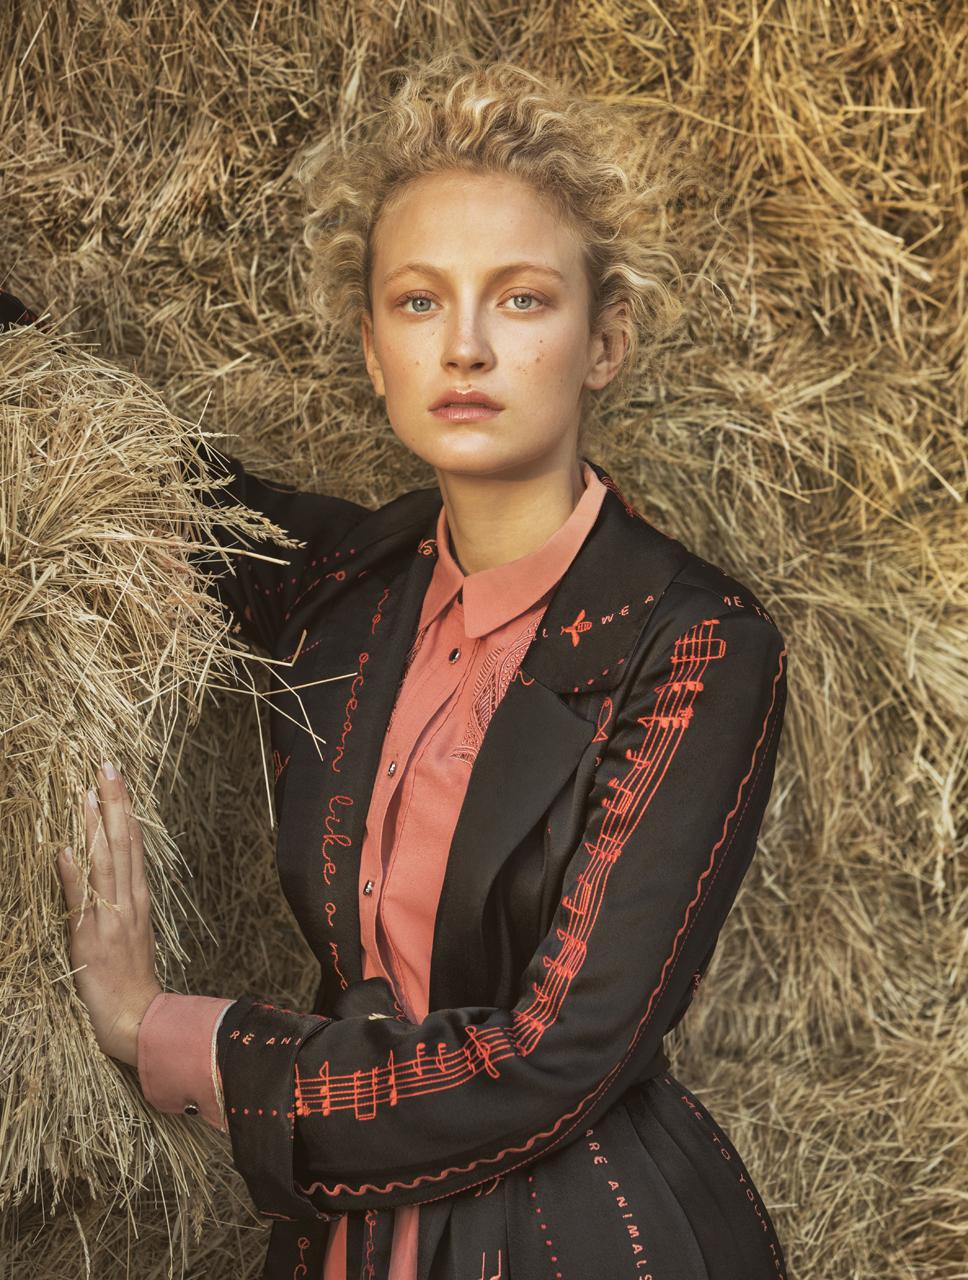 Marta Gawron for Jolie Mag.